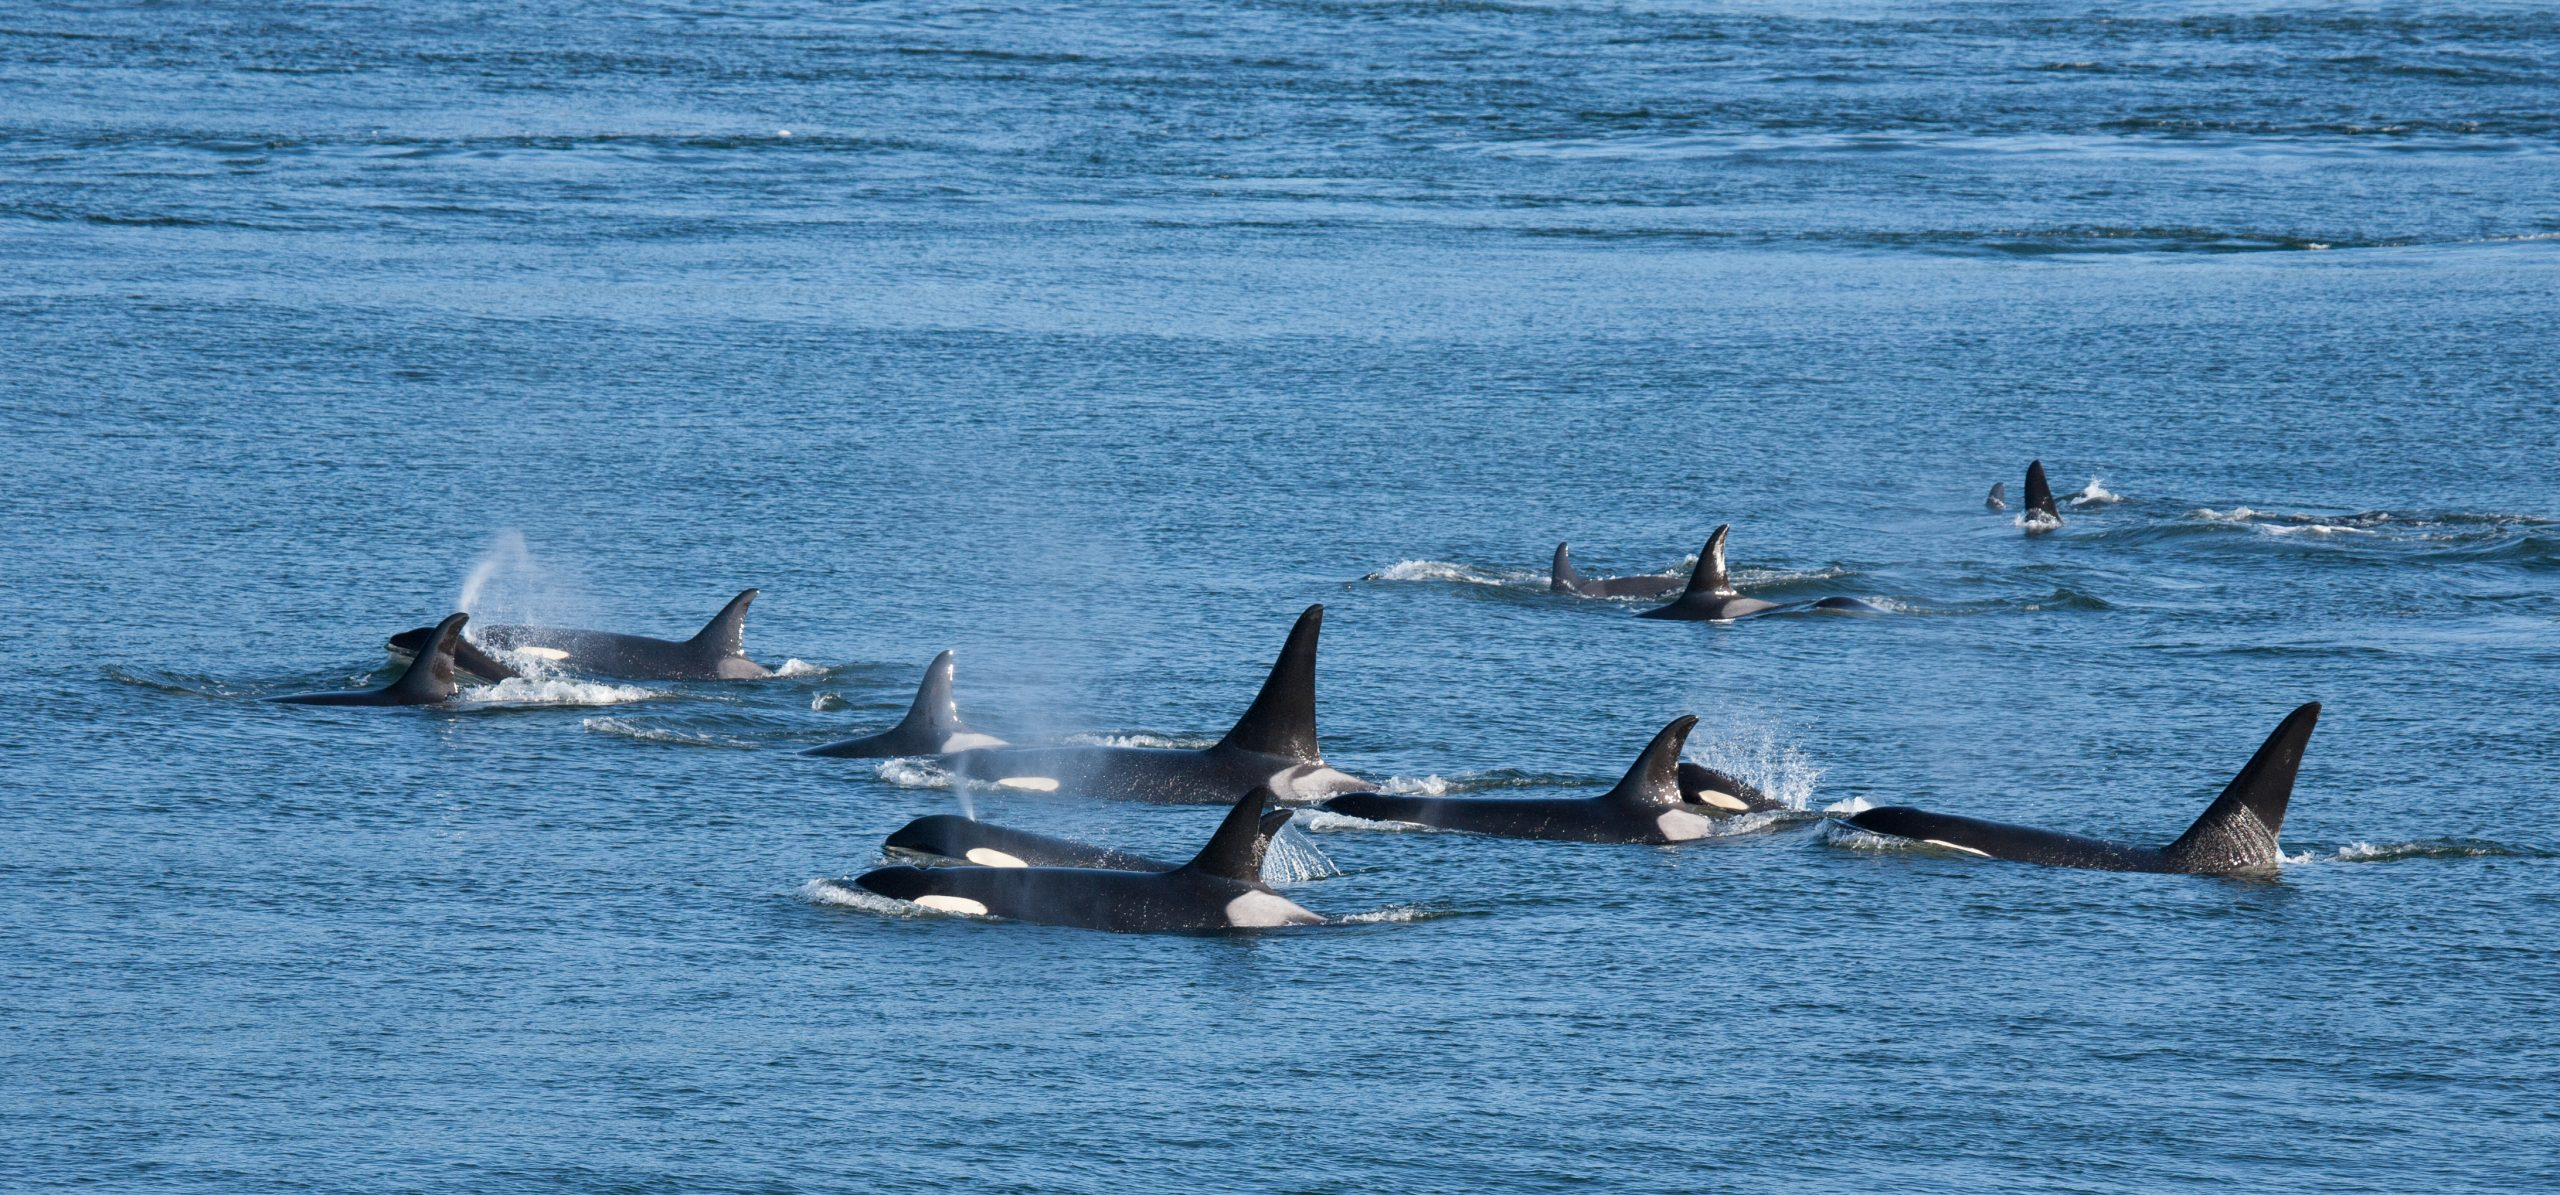 Pod of Orcas